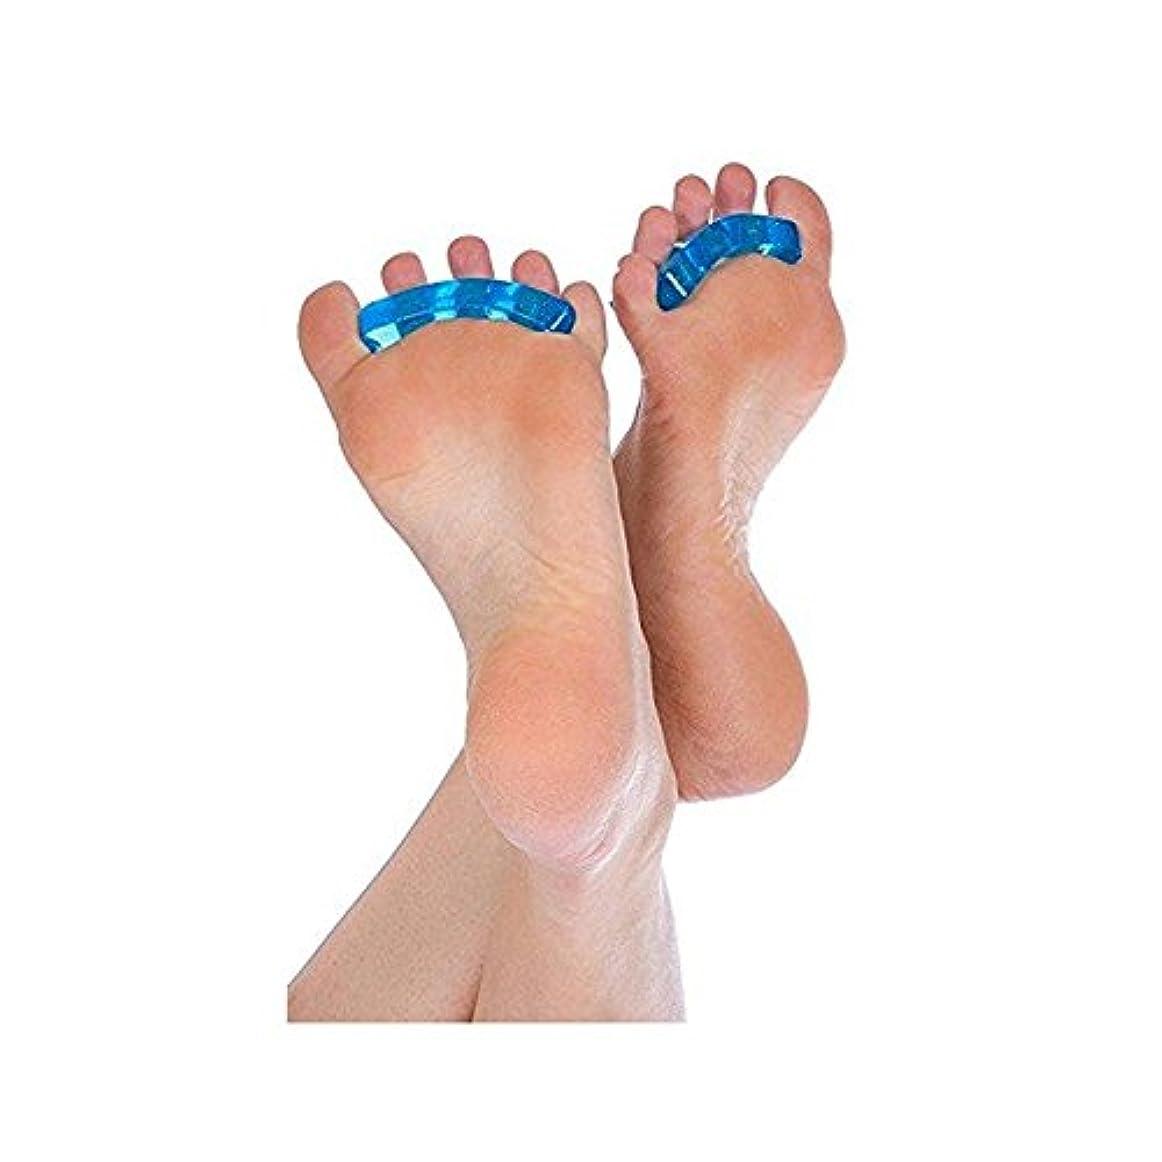 オゾンショッキングドック爪デバイダSEBS指の爪セパレータパッド分離パッドネイル特別な分離ネイルツール6ペア